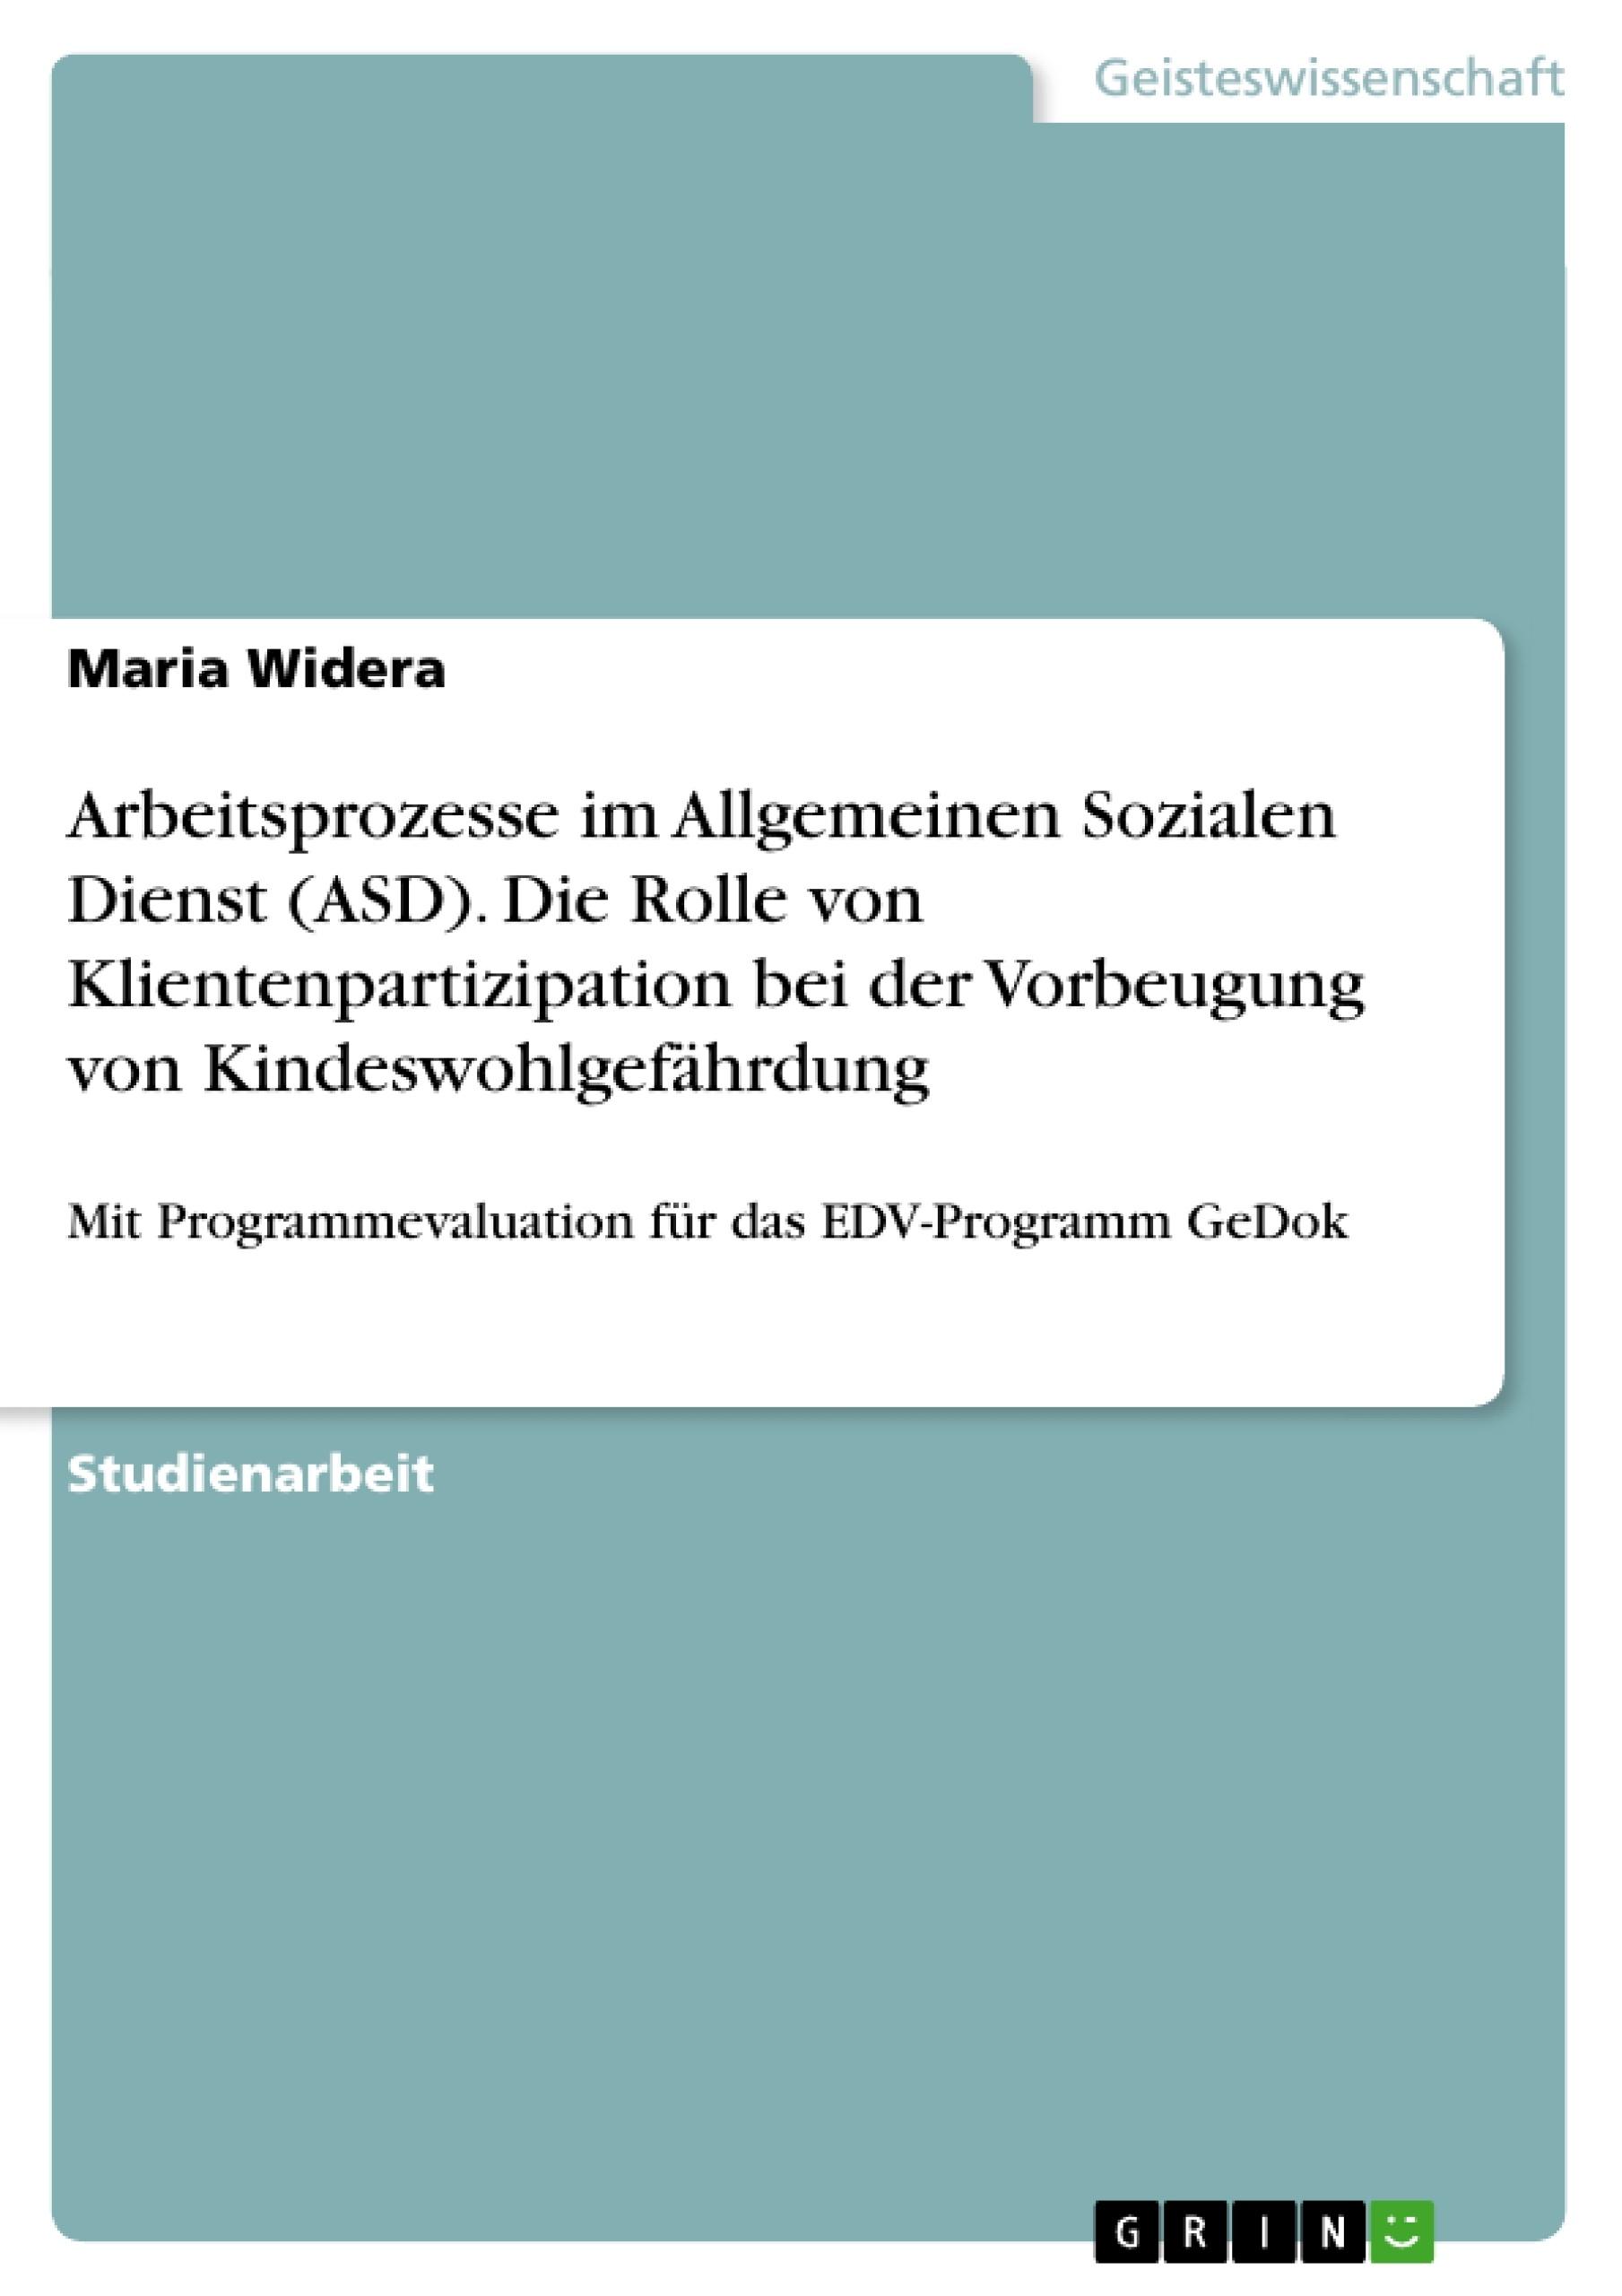 Titel: Arbeitsprozesse im Allgemeinen Sozialen Dienst (ASD). Die Rolle von Klientenpartizipation bei der Vorbeugung von Kindeswohlgefährdung